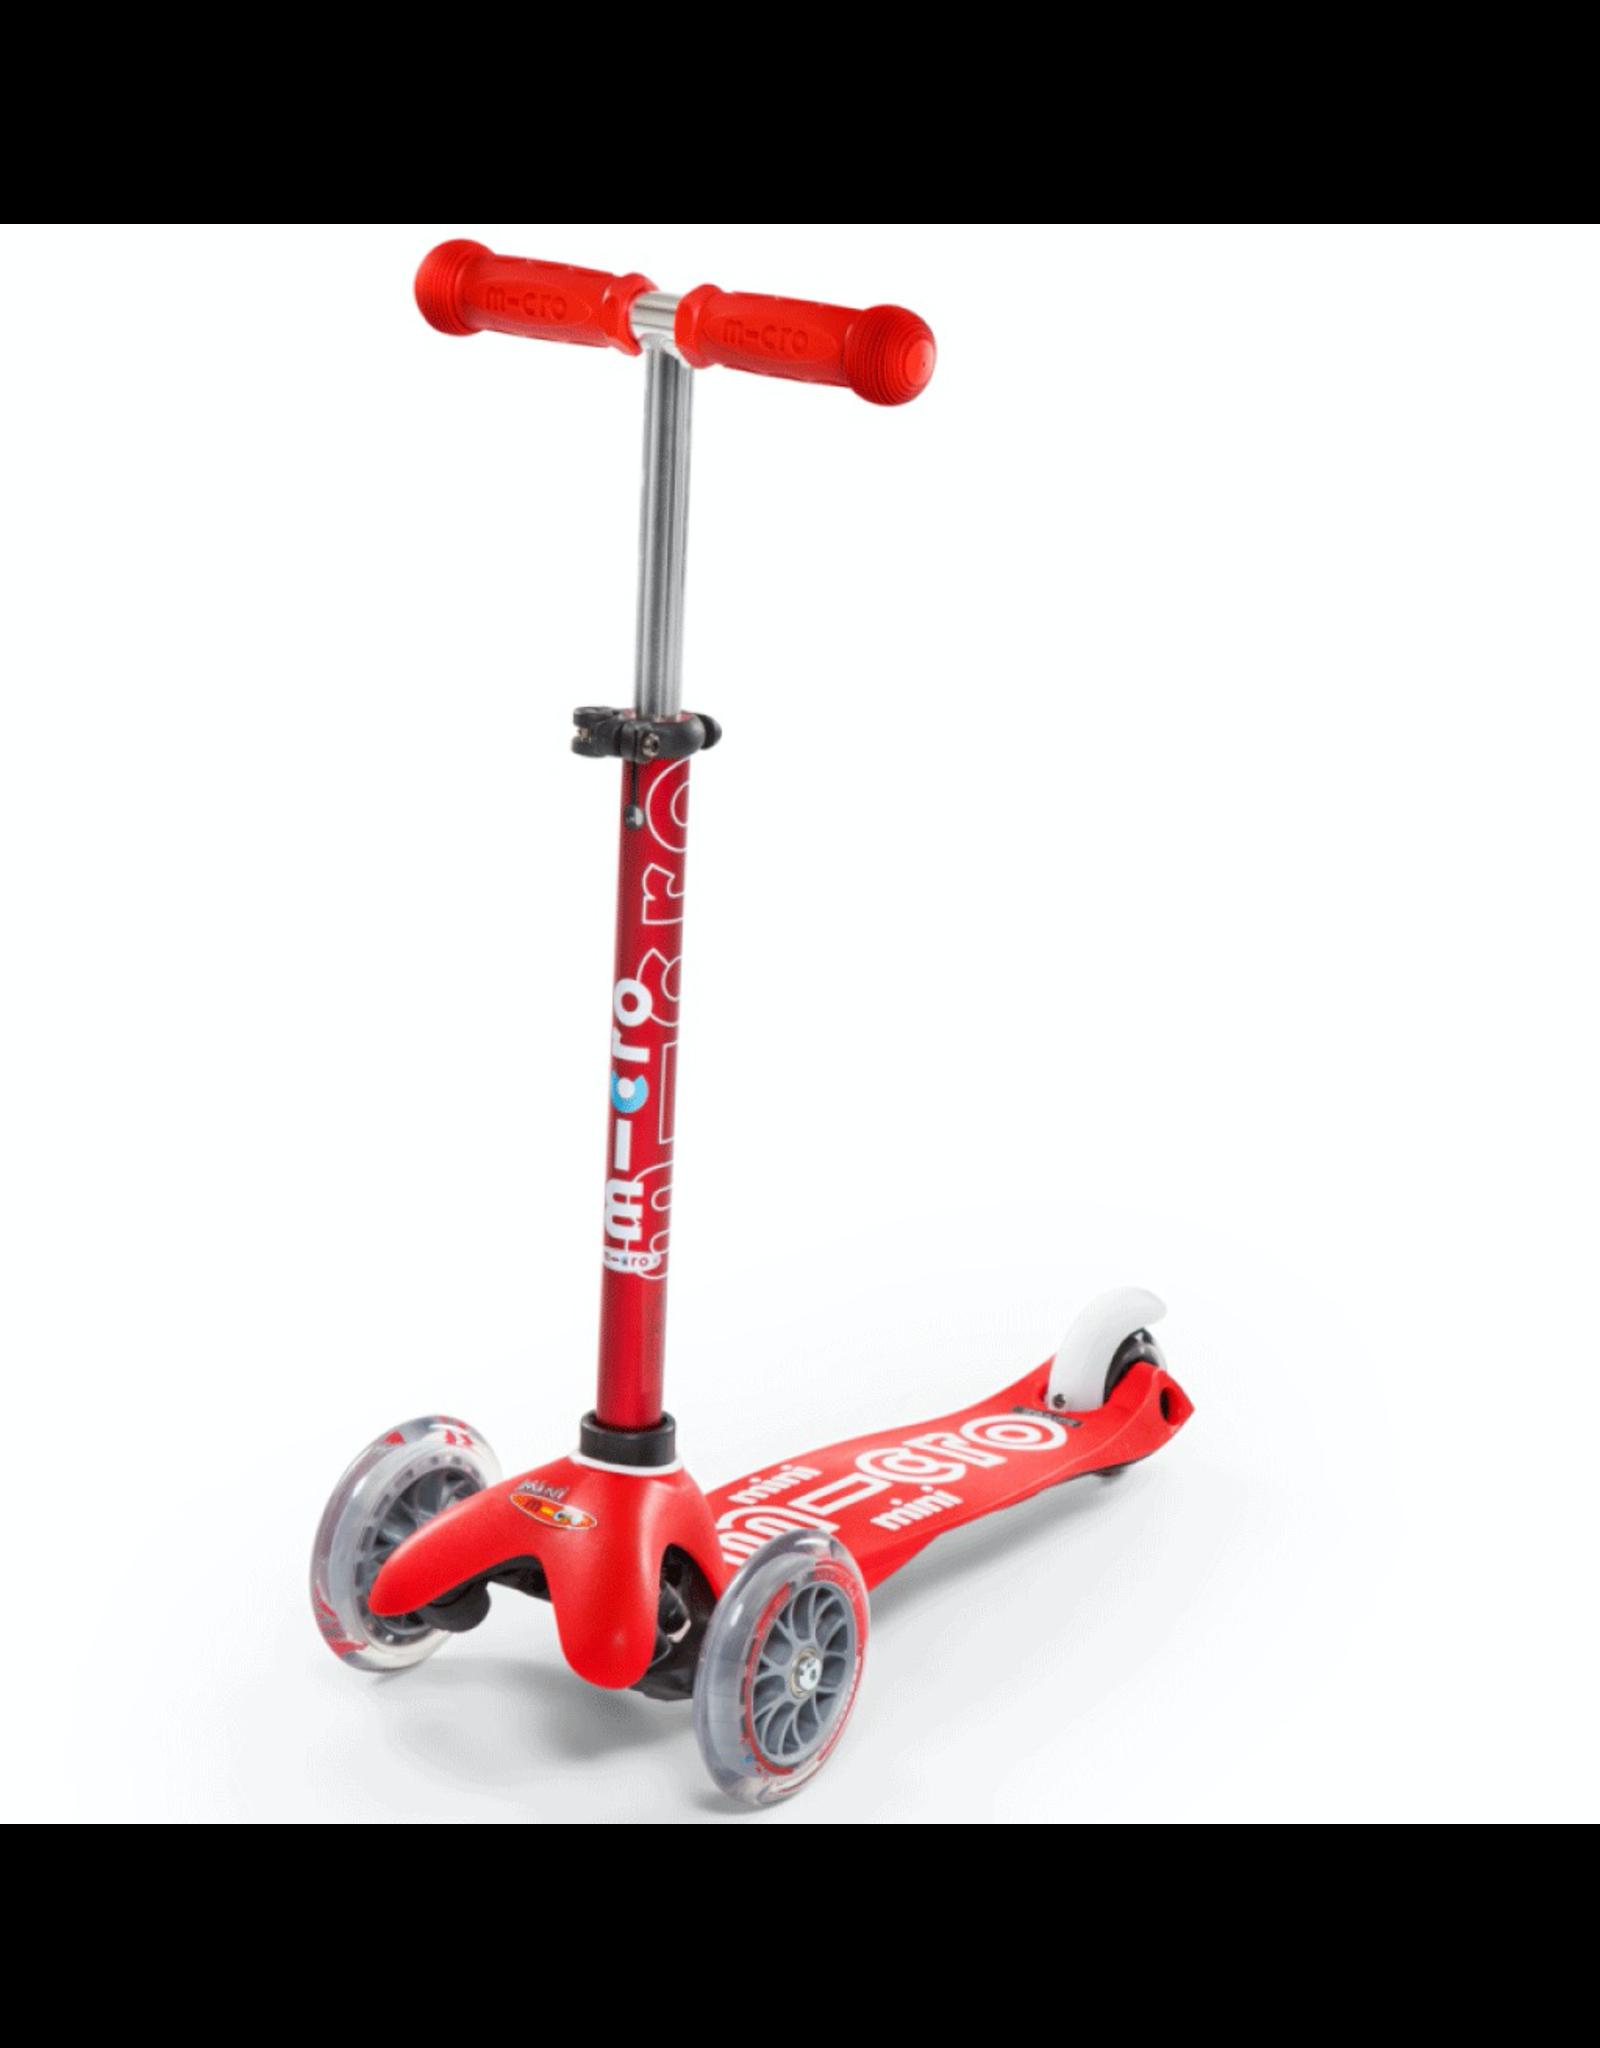 Kickboard Mini Micro Deluxe - Red